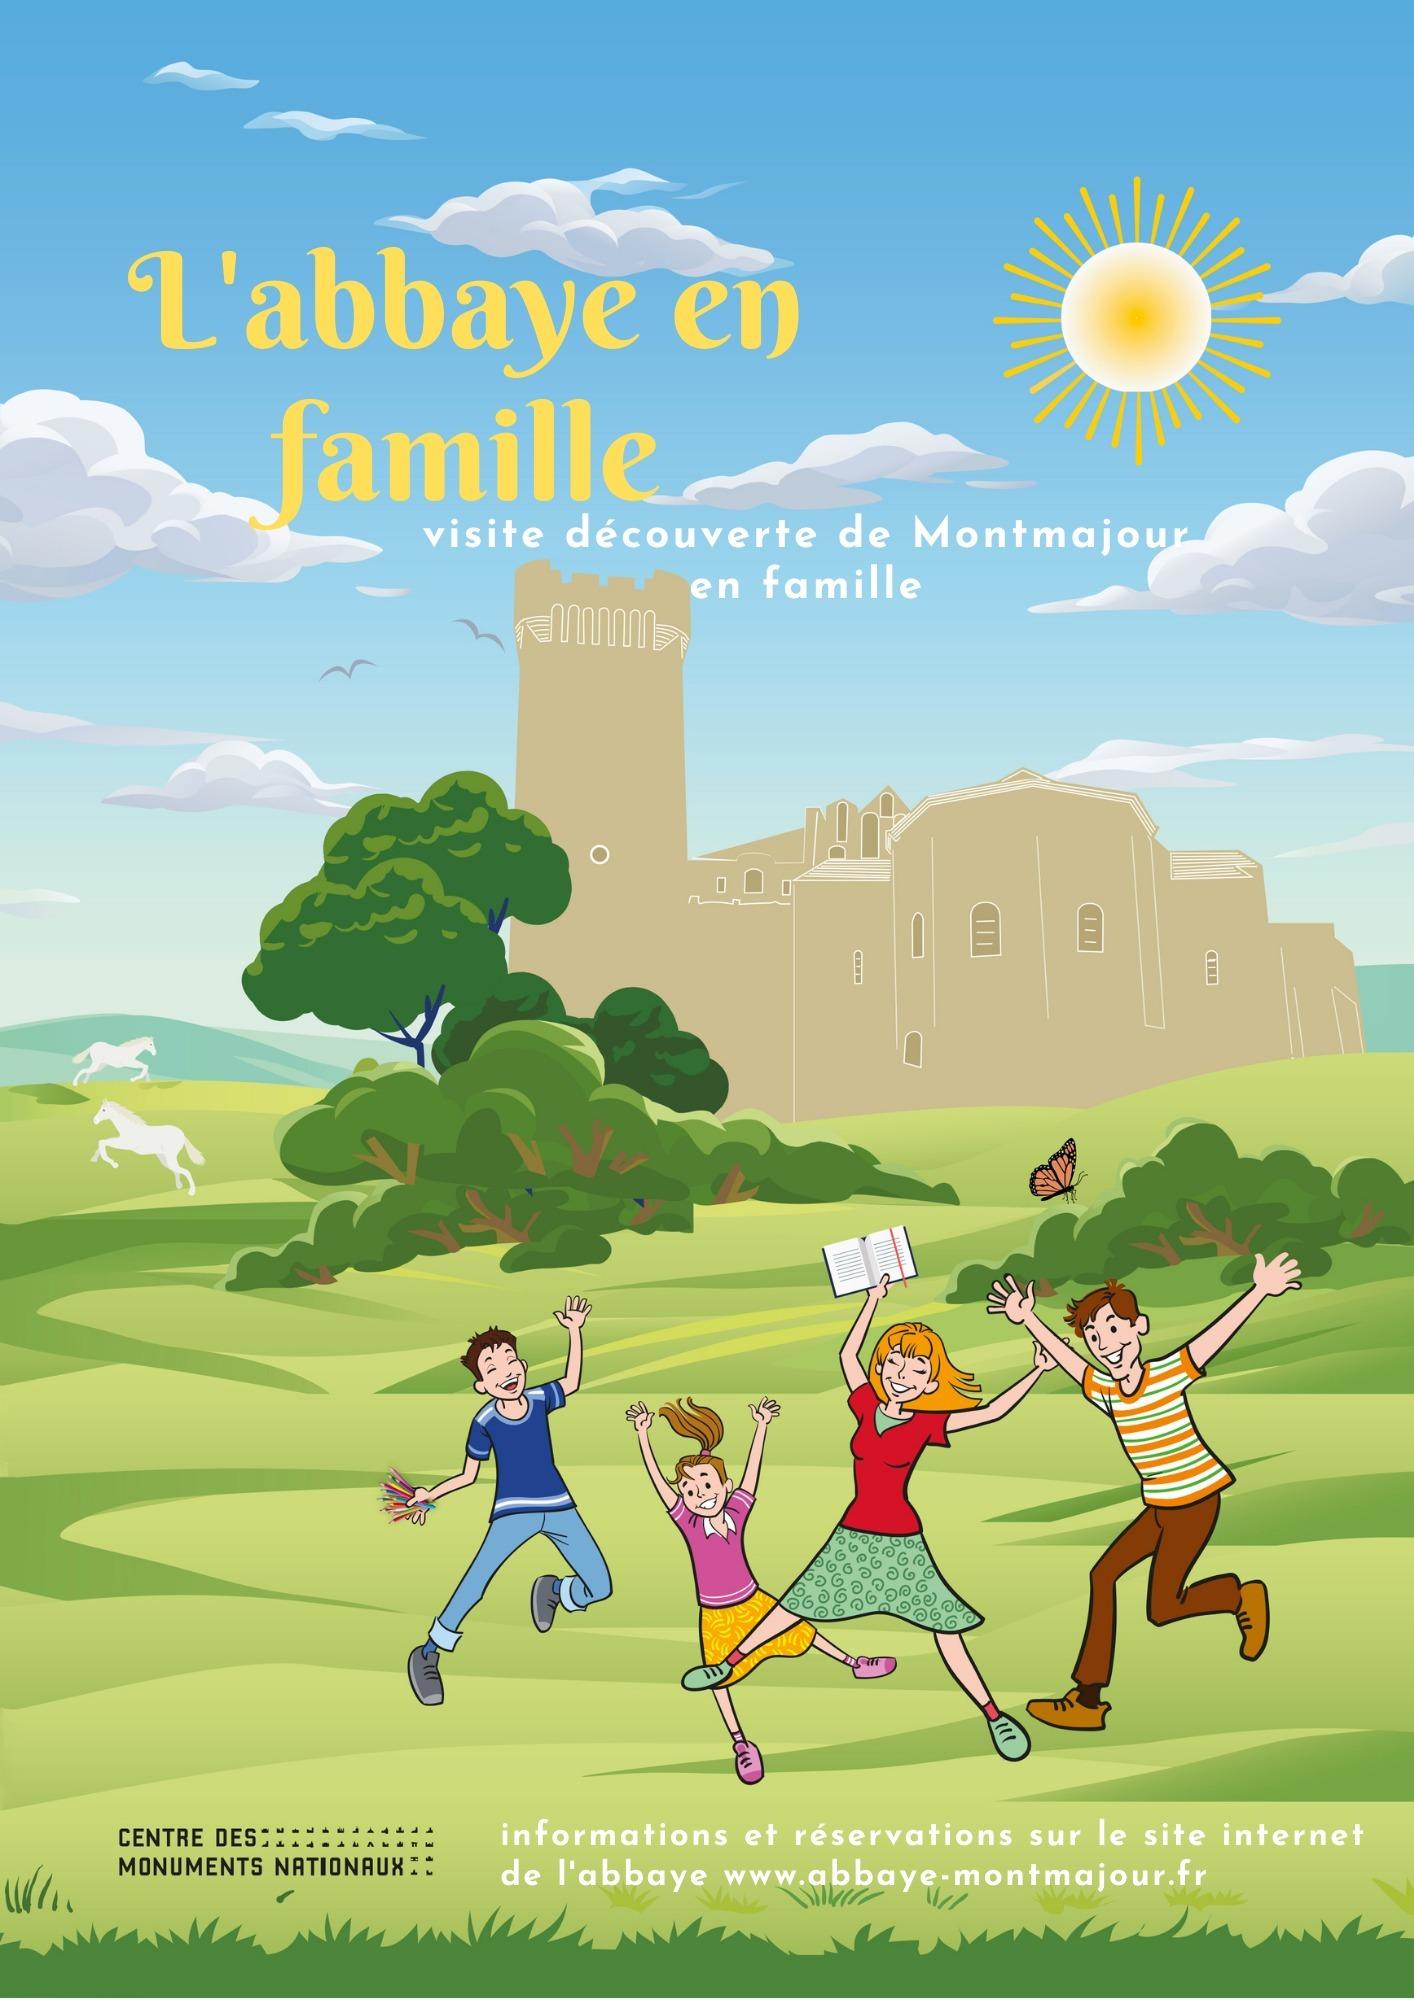 Tout au long de l'année emmenez vos enfants à la découverte de l'abbaye de Montmajour à travers une visite guidée d'1h30 !